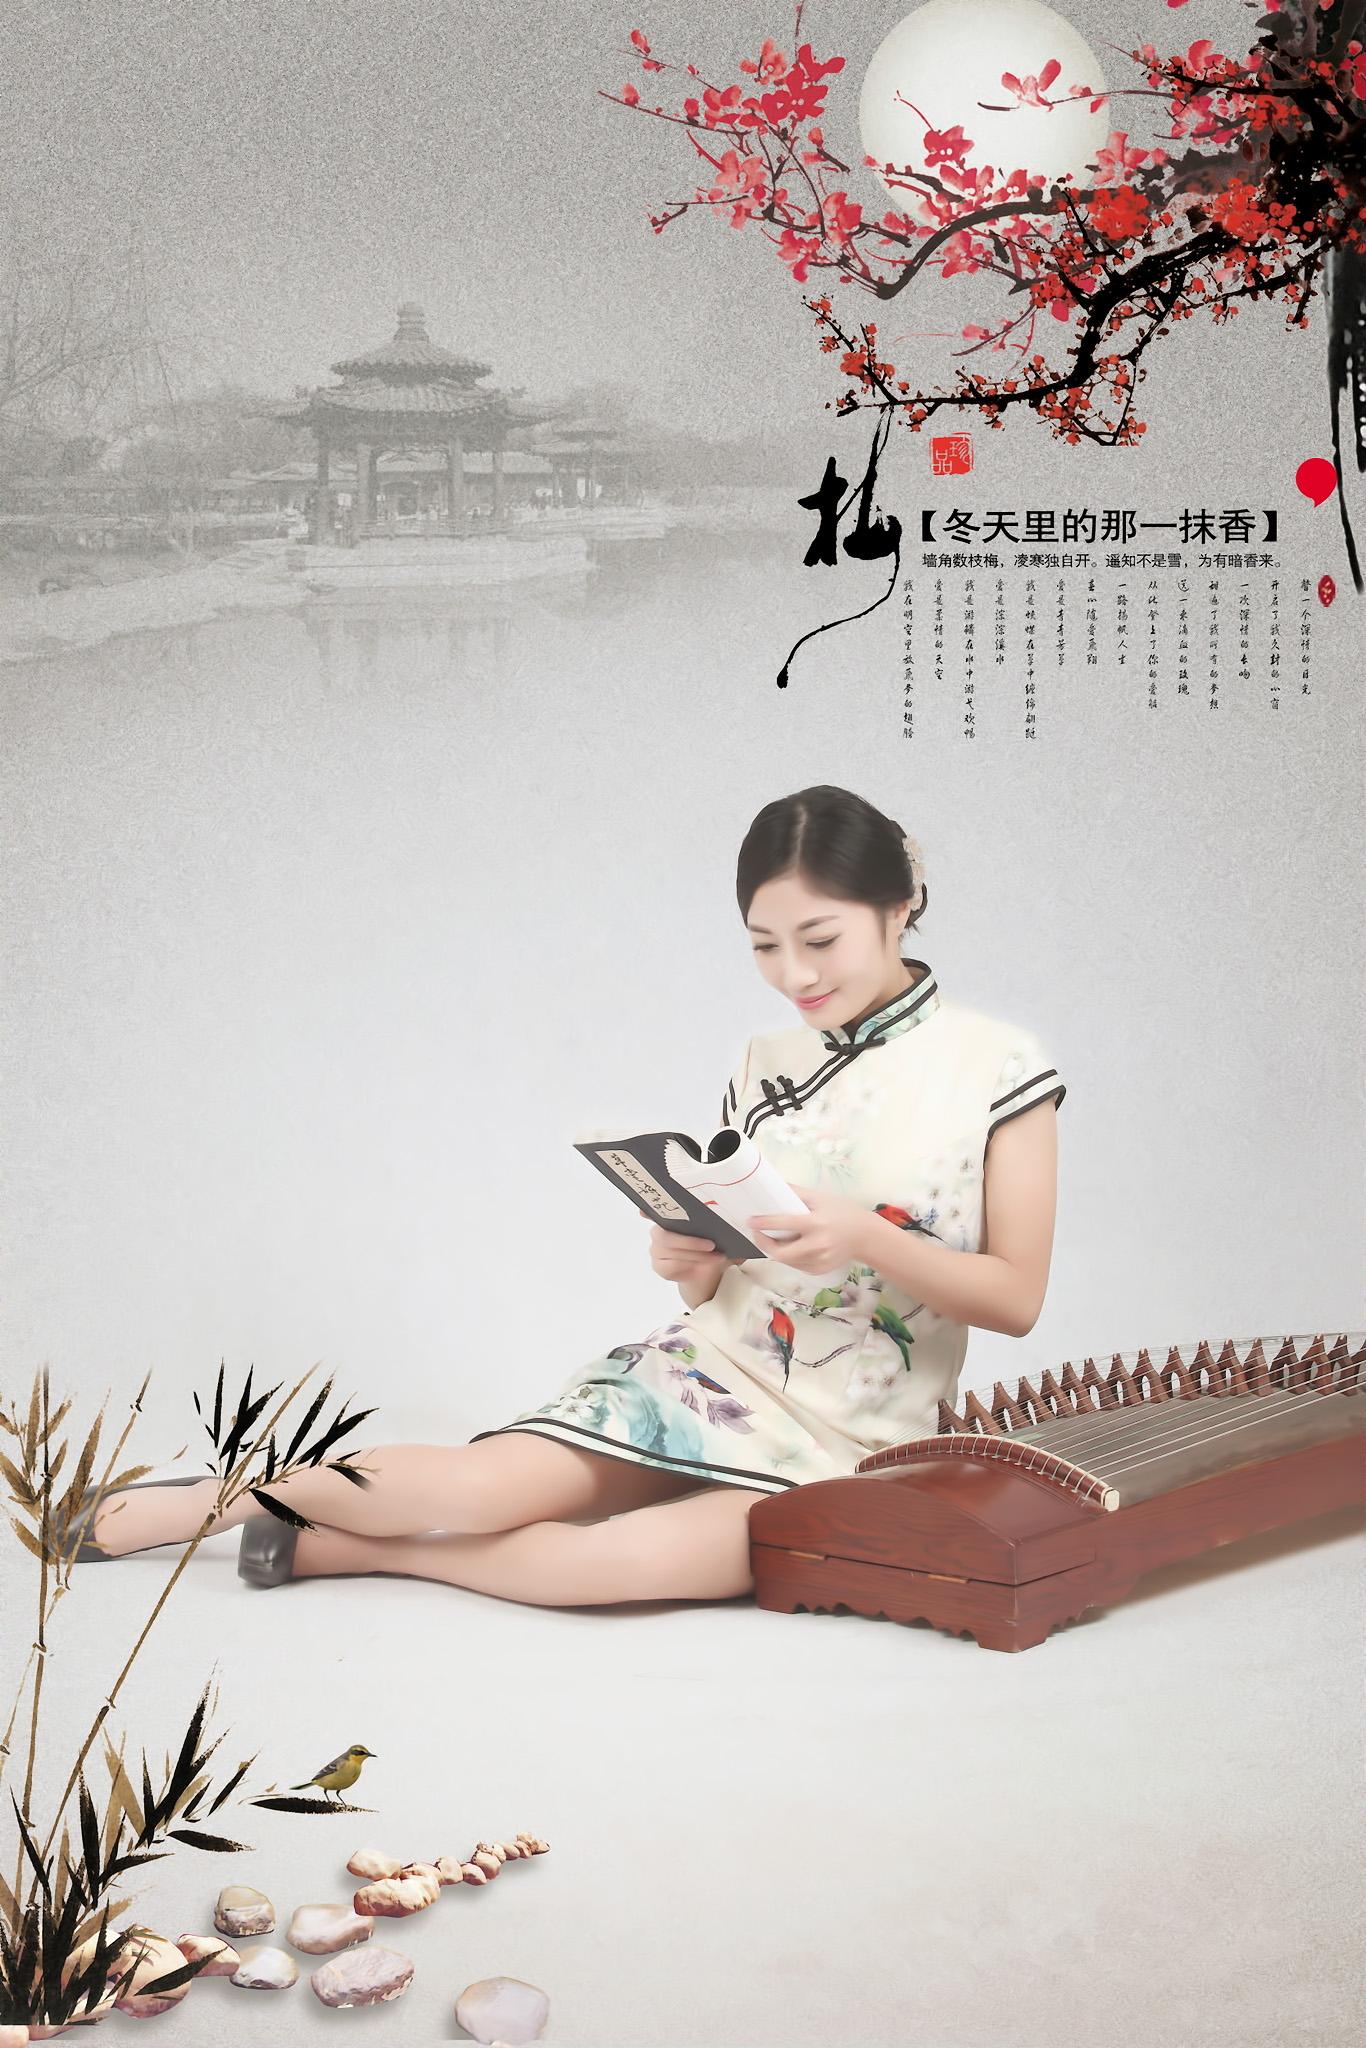 【古装及旗袍素材篇】梅【冬天里的那一抹香】 - 浪漫人生 - .